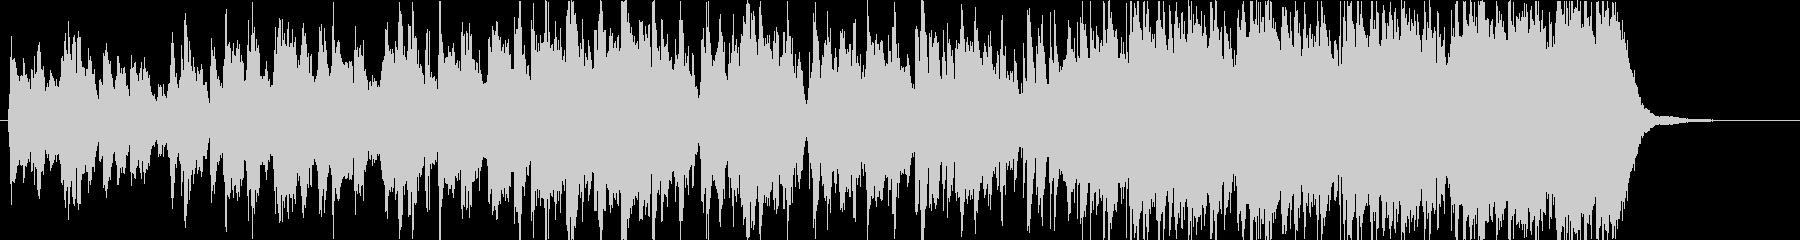 現代的 交響曲 モダン 室内楽 ア...の未再生の波形